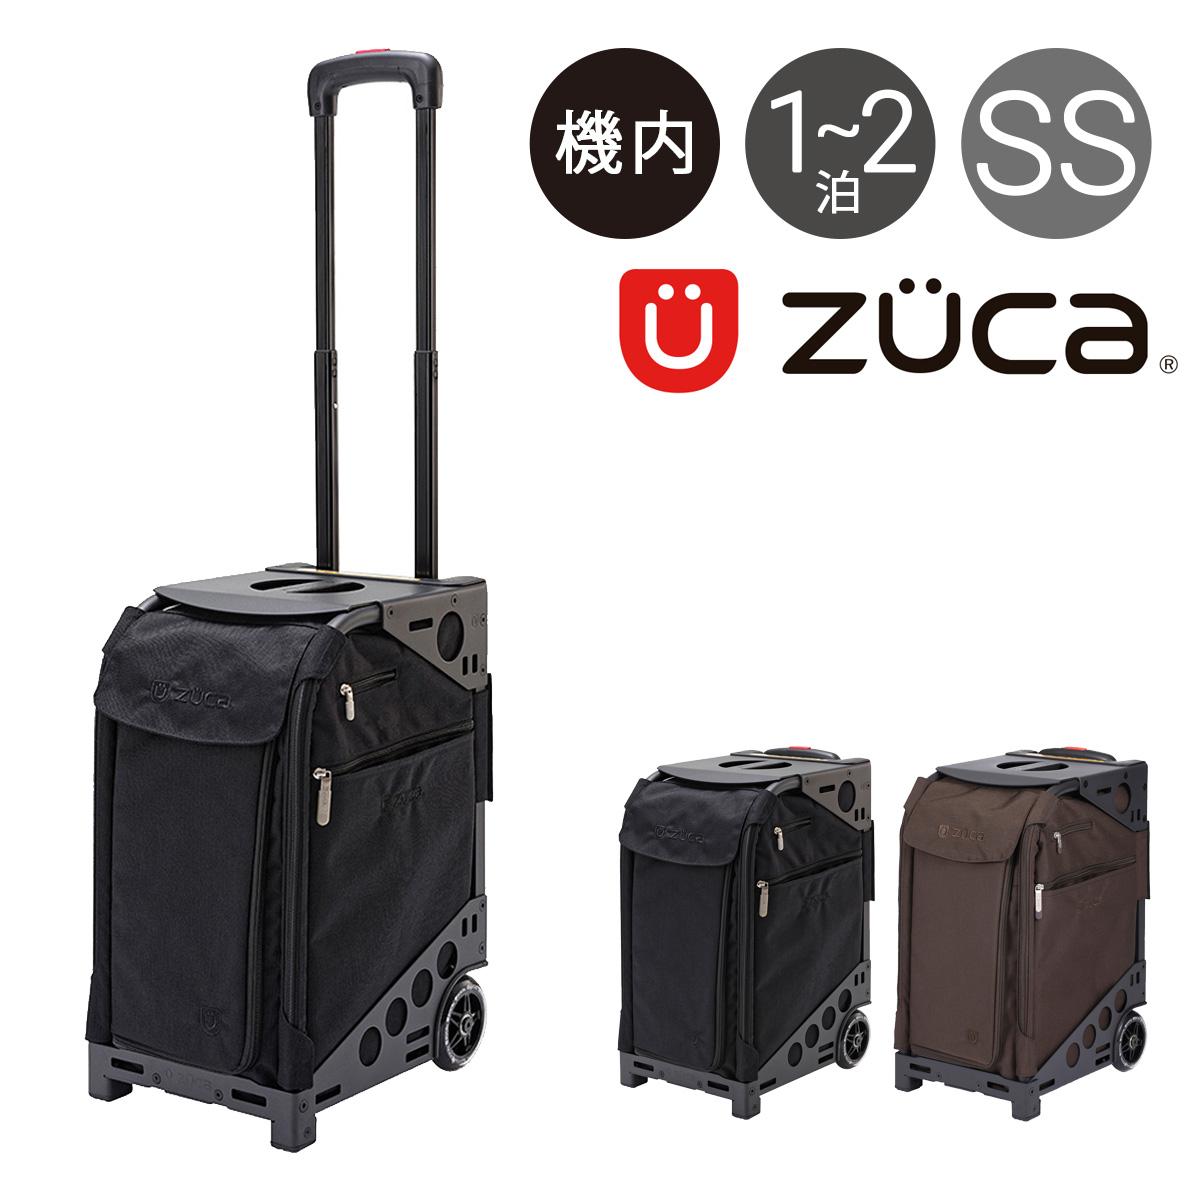 ズーカ キャリーケース プロ ラックス トラベル PRO LUX Travel 2200 ZUCA ポーチ&トラベルカバー付き 機内持ち込み可能[bef][即日発送][PO10]